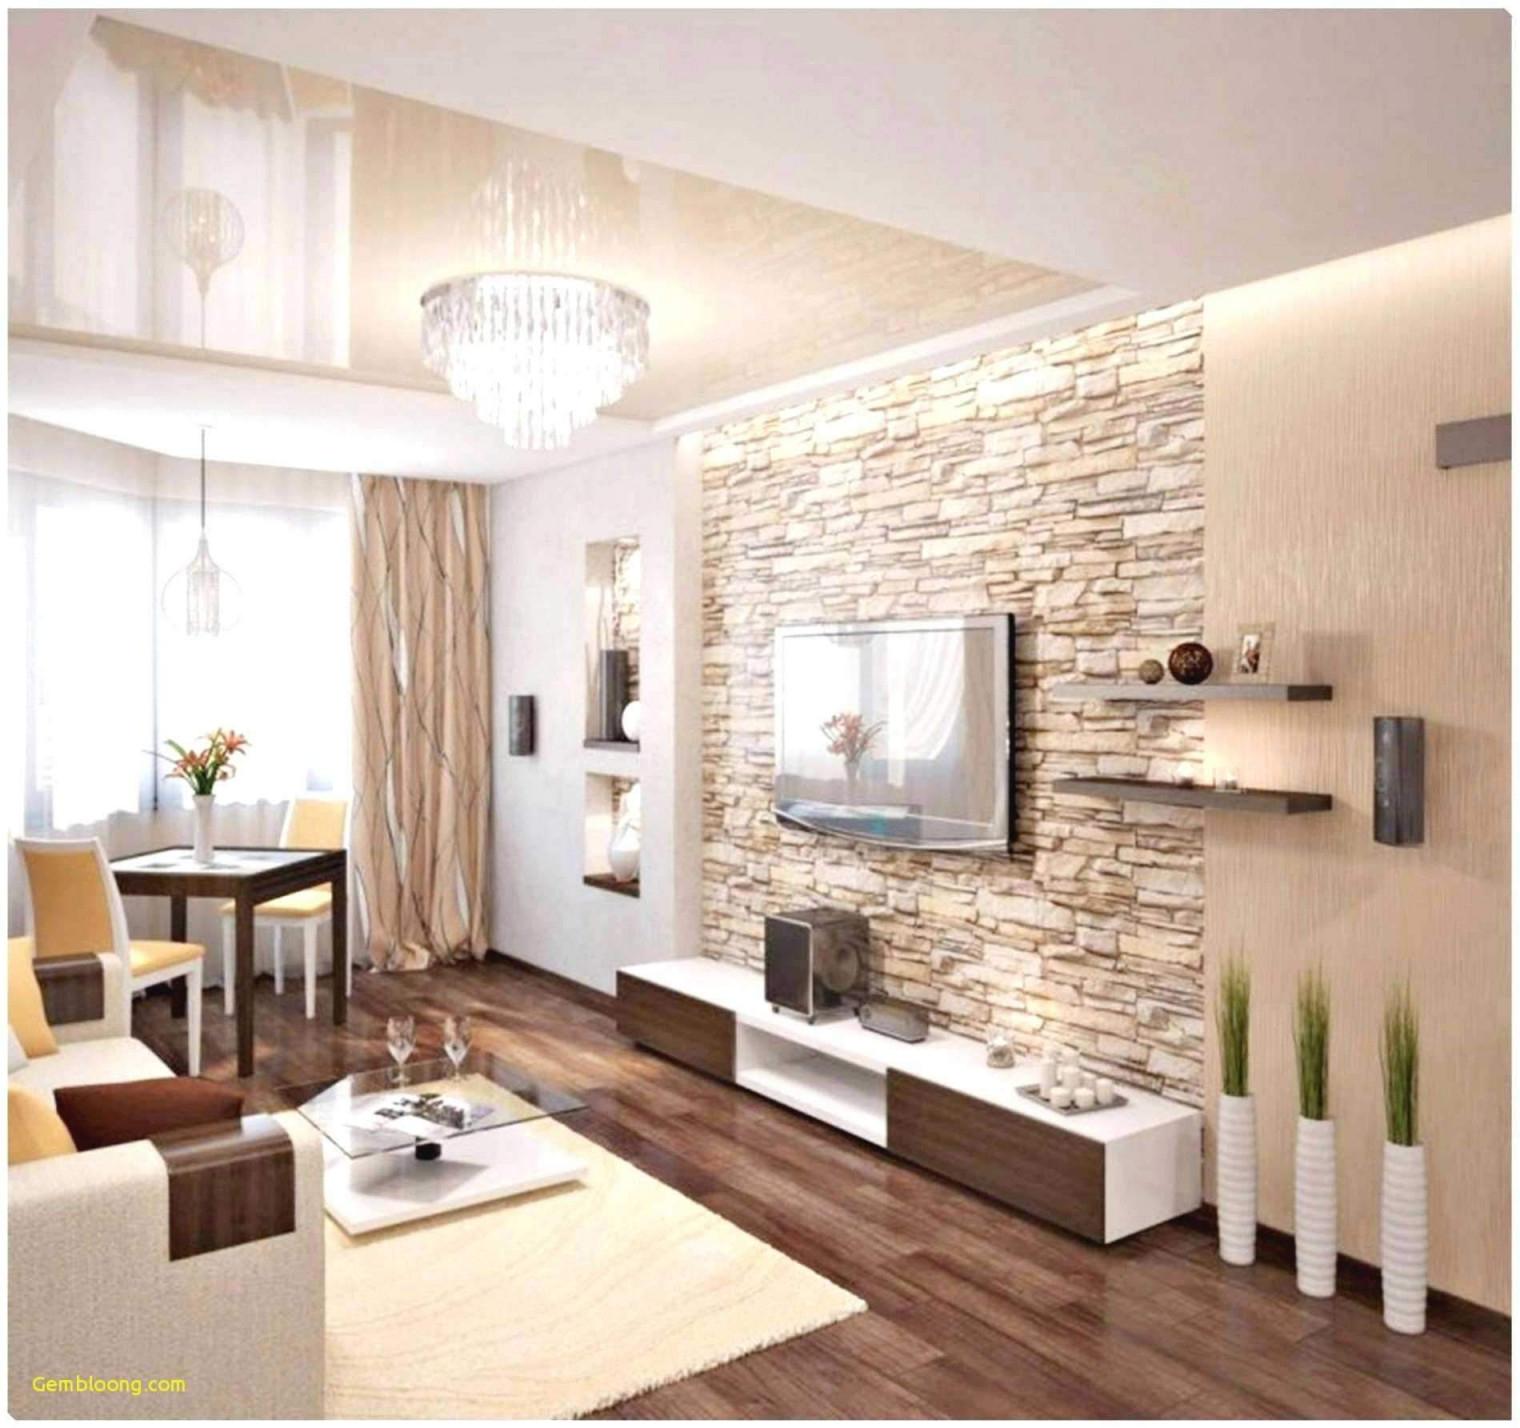 Deckengestaltung Wohnzimmer Beispiele Frisch Badezimmer von Deckengestaltung Wohnzimmer Ideen Bild